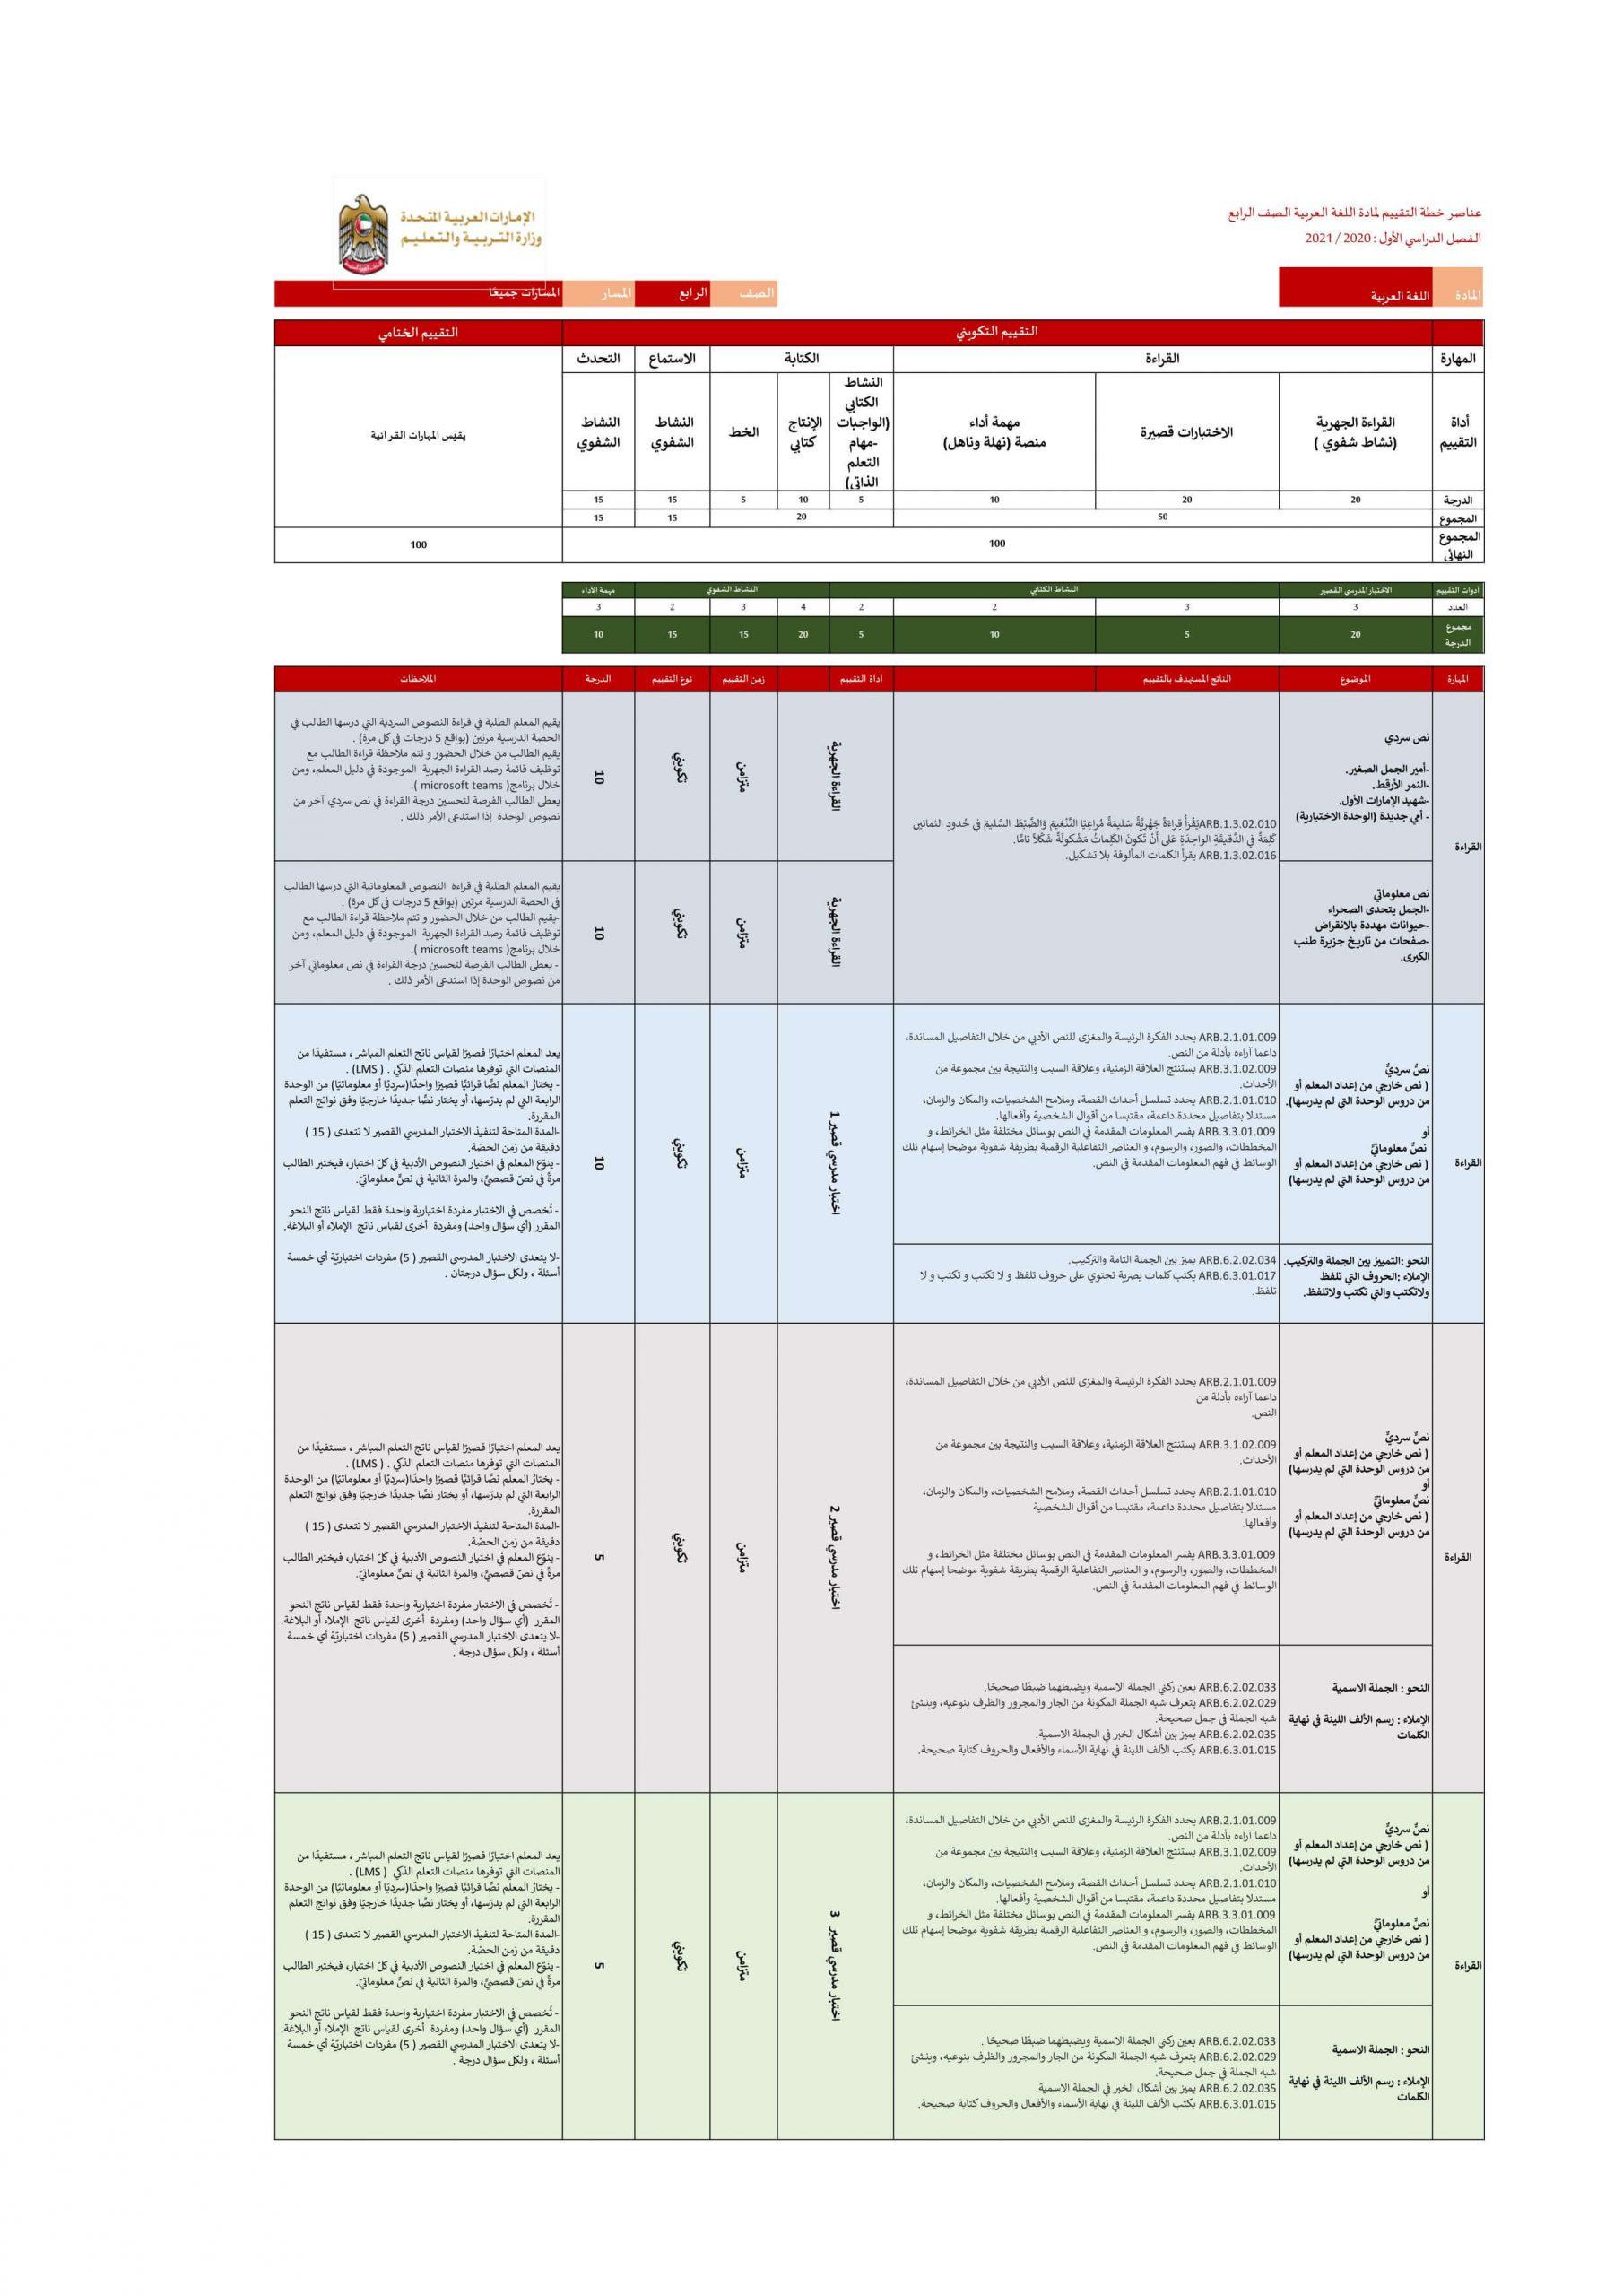 عناصر خطة التقييم الفصل الدراسي الاول للصف الرابع مادة اللغة العربية